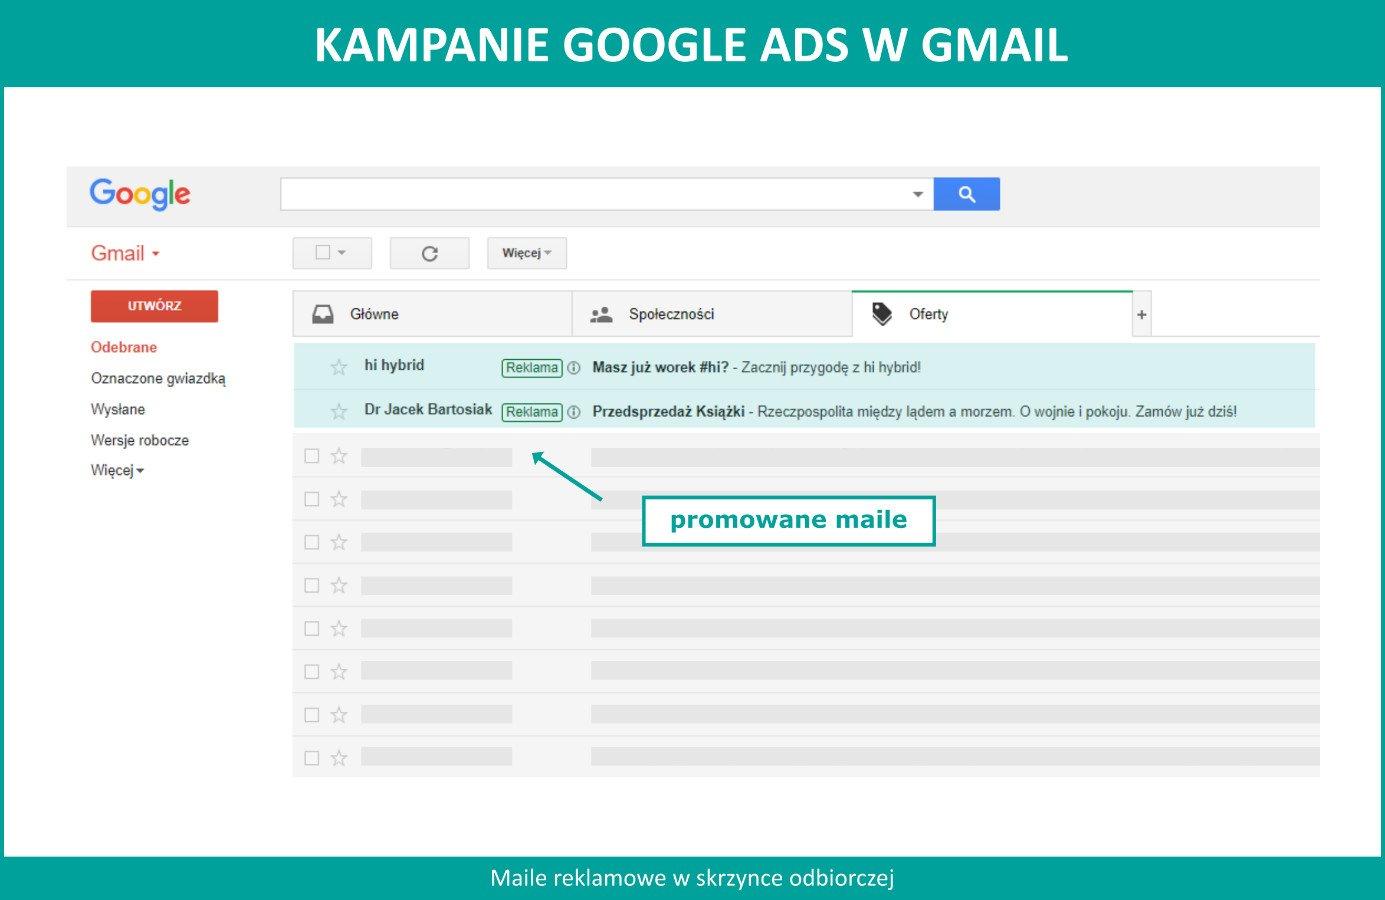 Gmail Ads - reklama Gmail